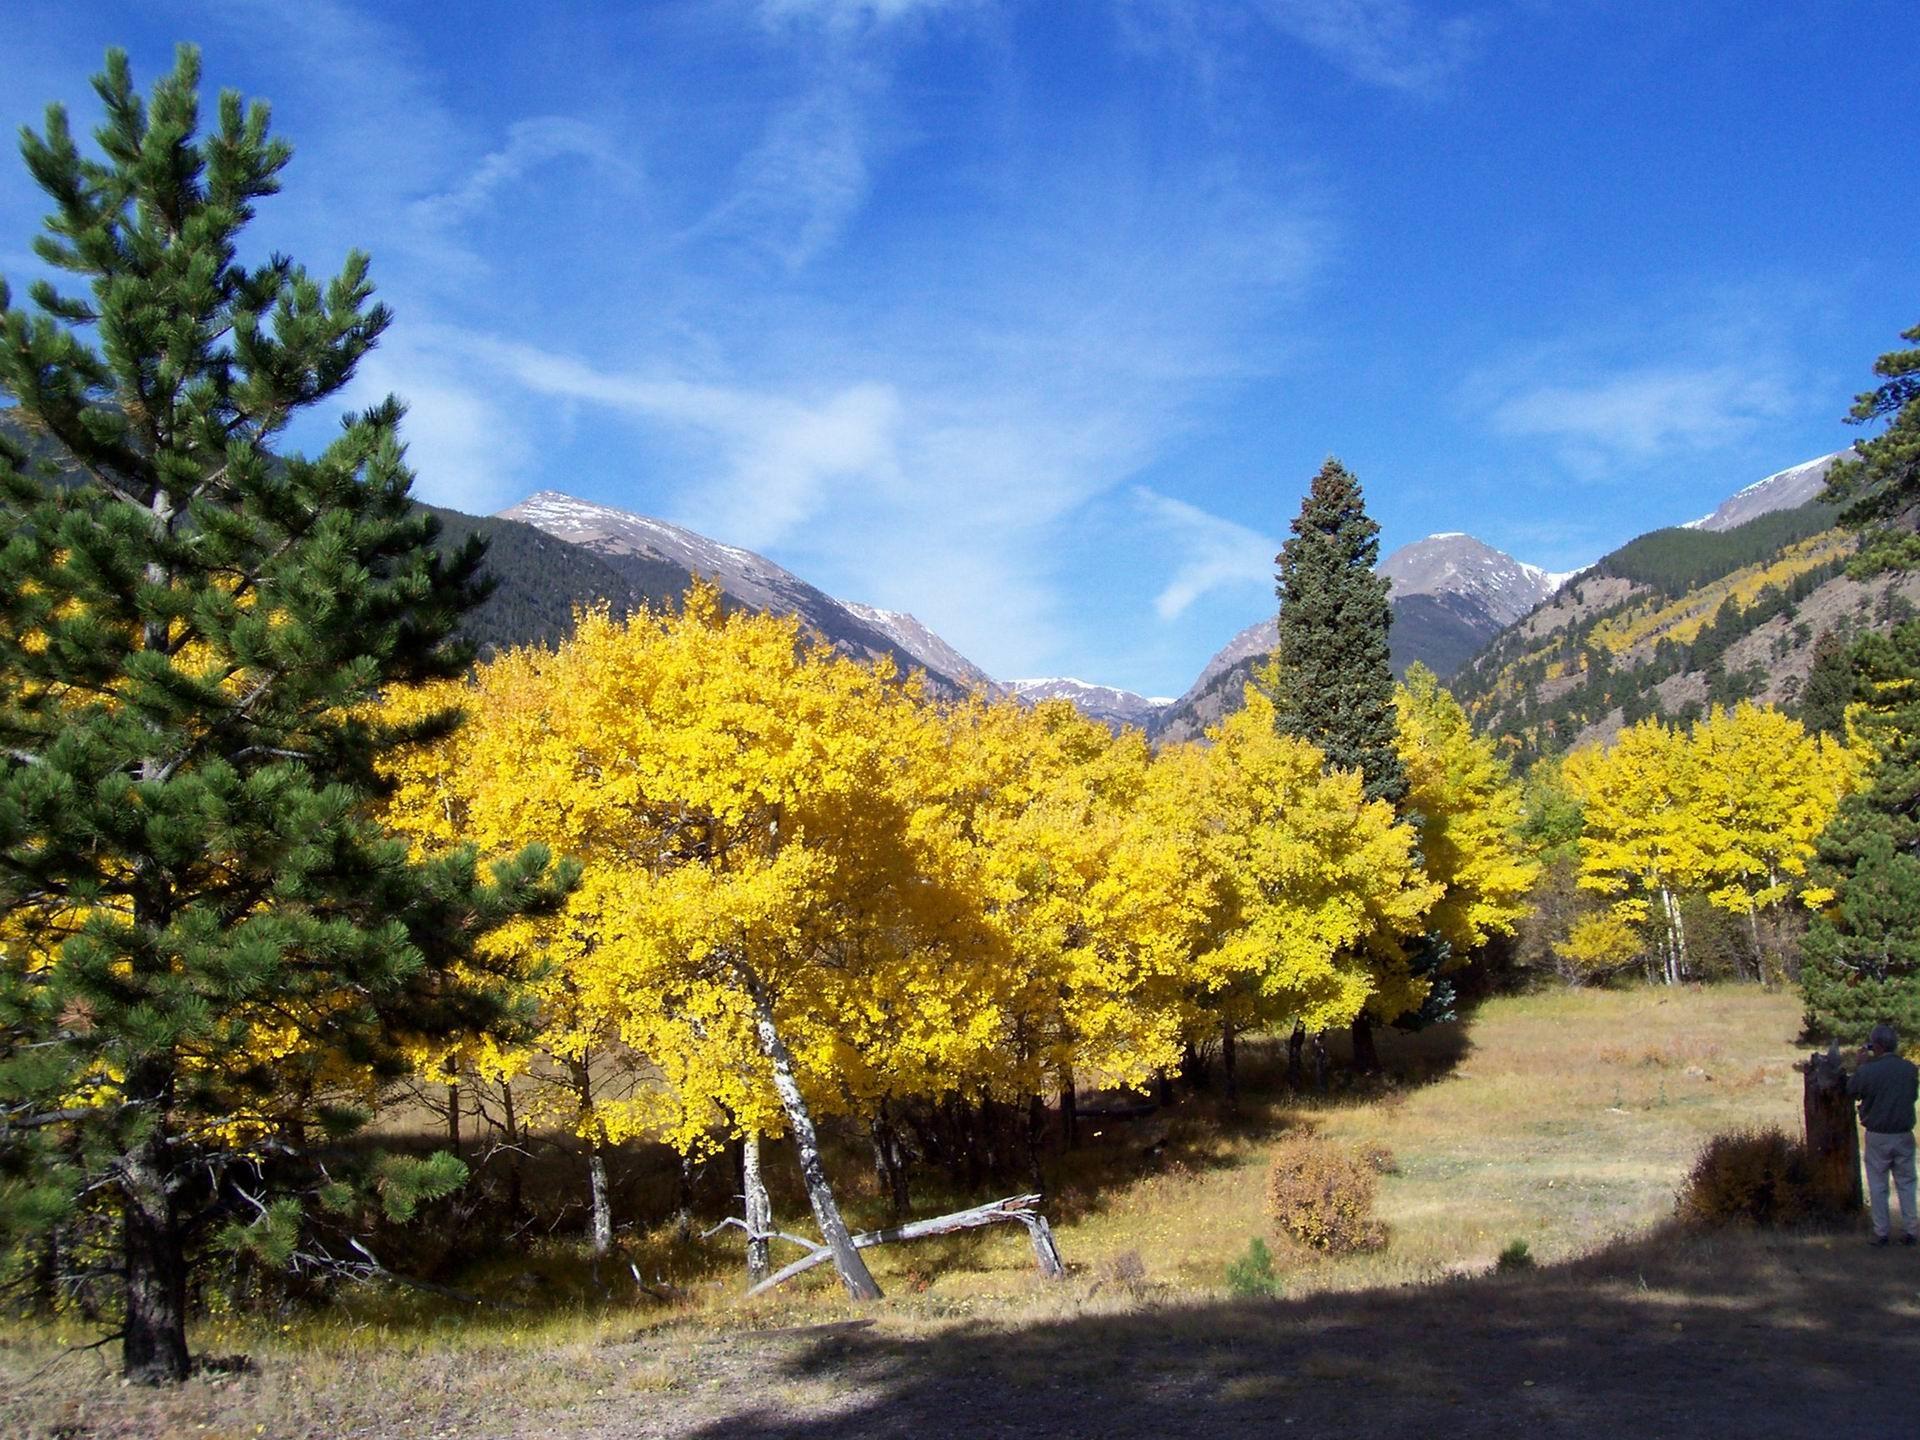 Colorado Rocky Mountains Fall Color Wallpaper